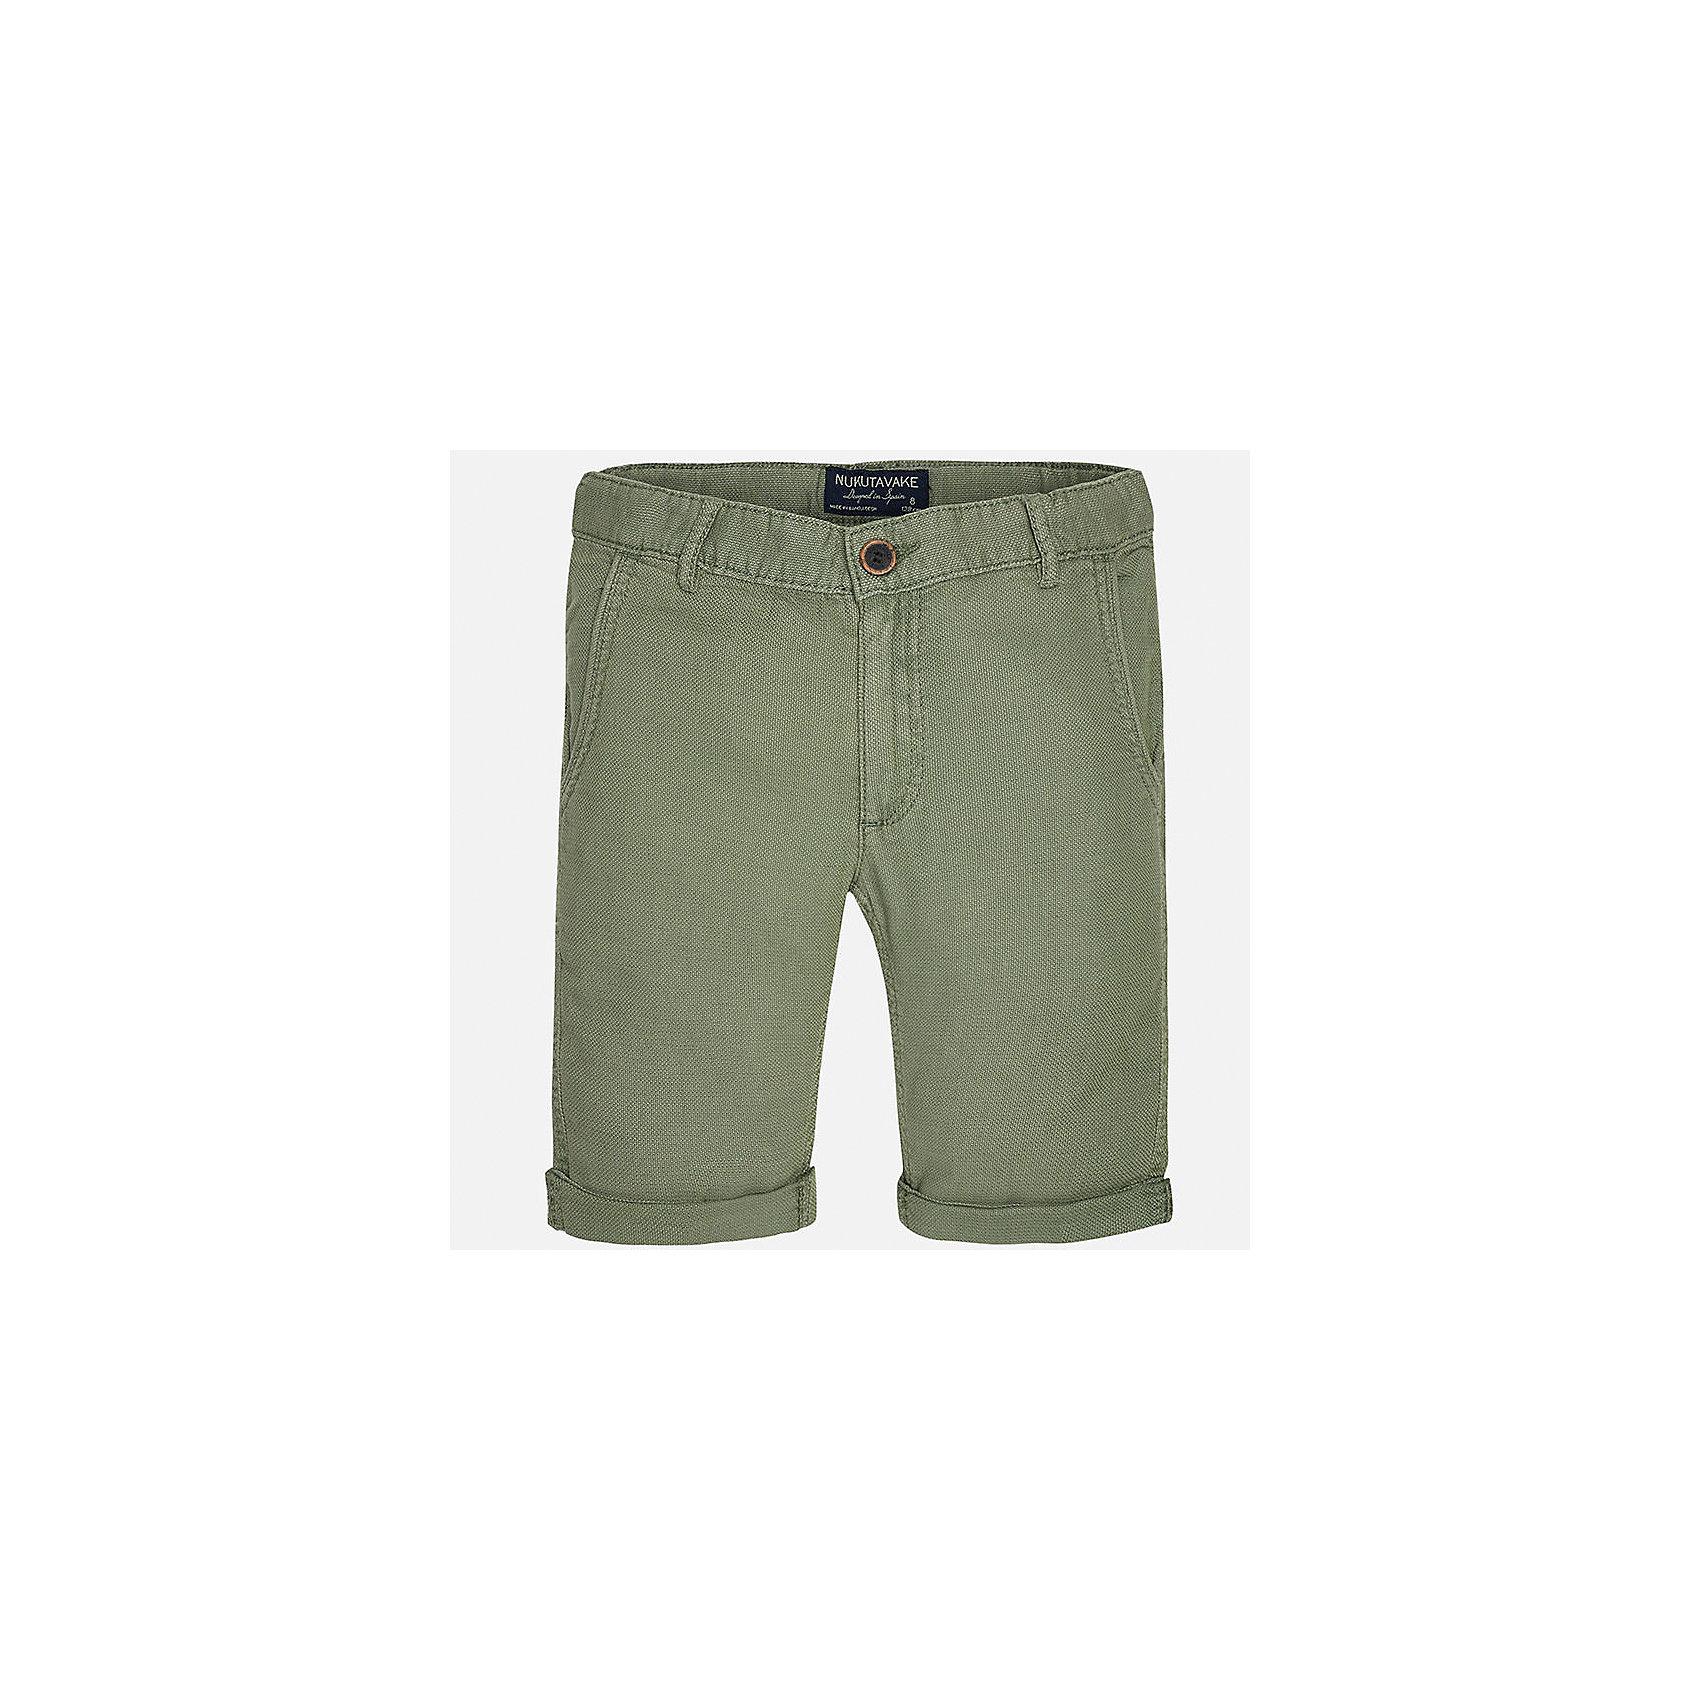 Бриджи для мальчика MayoralШорты, бриджи, капри<br>Характеристики товара:<br><br>• цвет: зеленый<br>• состав: 100% хлопок<br>• шлевки<br>• карманы<br>• пояс с регулировкой объема<br>• средняя длина<br>• страна бренда: Испания<br><br>Стильные шорты для мальчика смогут стать базовой вещью в гардеробе ребенка. Они отлично сочетаются с майками, футболками, рубашками и т.д. Универсальный крой и цвет позволяет подобрать к вещи верх разных расцветок. Практичное и стильное изделие! В составе материала - натуральный хлопок, гипоаллергенный, приятный на ощупь, дышащий.<br><br>Одежда, обувь и аксессуары от испанского бренда Mayoral полюбились детям и взрослым по всему миру. Модели этой марки - стильные и удобные. Для их производства используются только безопасные, качественные материалы и фурнитура. Порадуйте ребенка модными и красивыми вещами от Mayoral! <br><br>Шорты для мальчика от испанского бренда Mayoral (Майорал) можно купить в нашем интернет-магазине.<br><br>Ширина мм: 191<br>Глубина мм: 10<br>Высота мм: 175<br>Вес г: 273<br>Цвет: зеленый<br>Возраст от месяцев: 84<br>Возраст до месяцев: 96<br>Пол: Мужской<br>Возраст: Детский<br>Размер: 128/134,170,164,158,152,140<br>SKU: 5281769